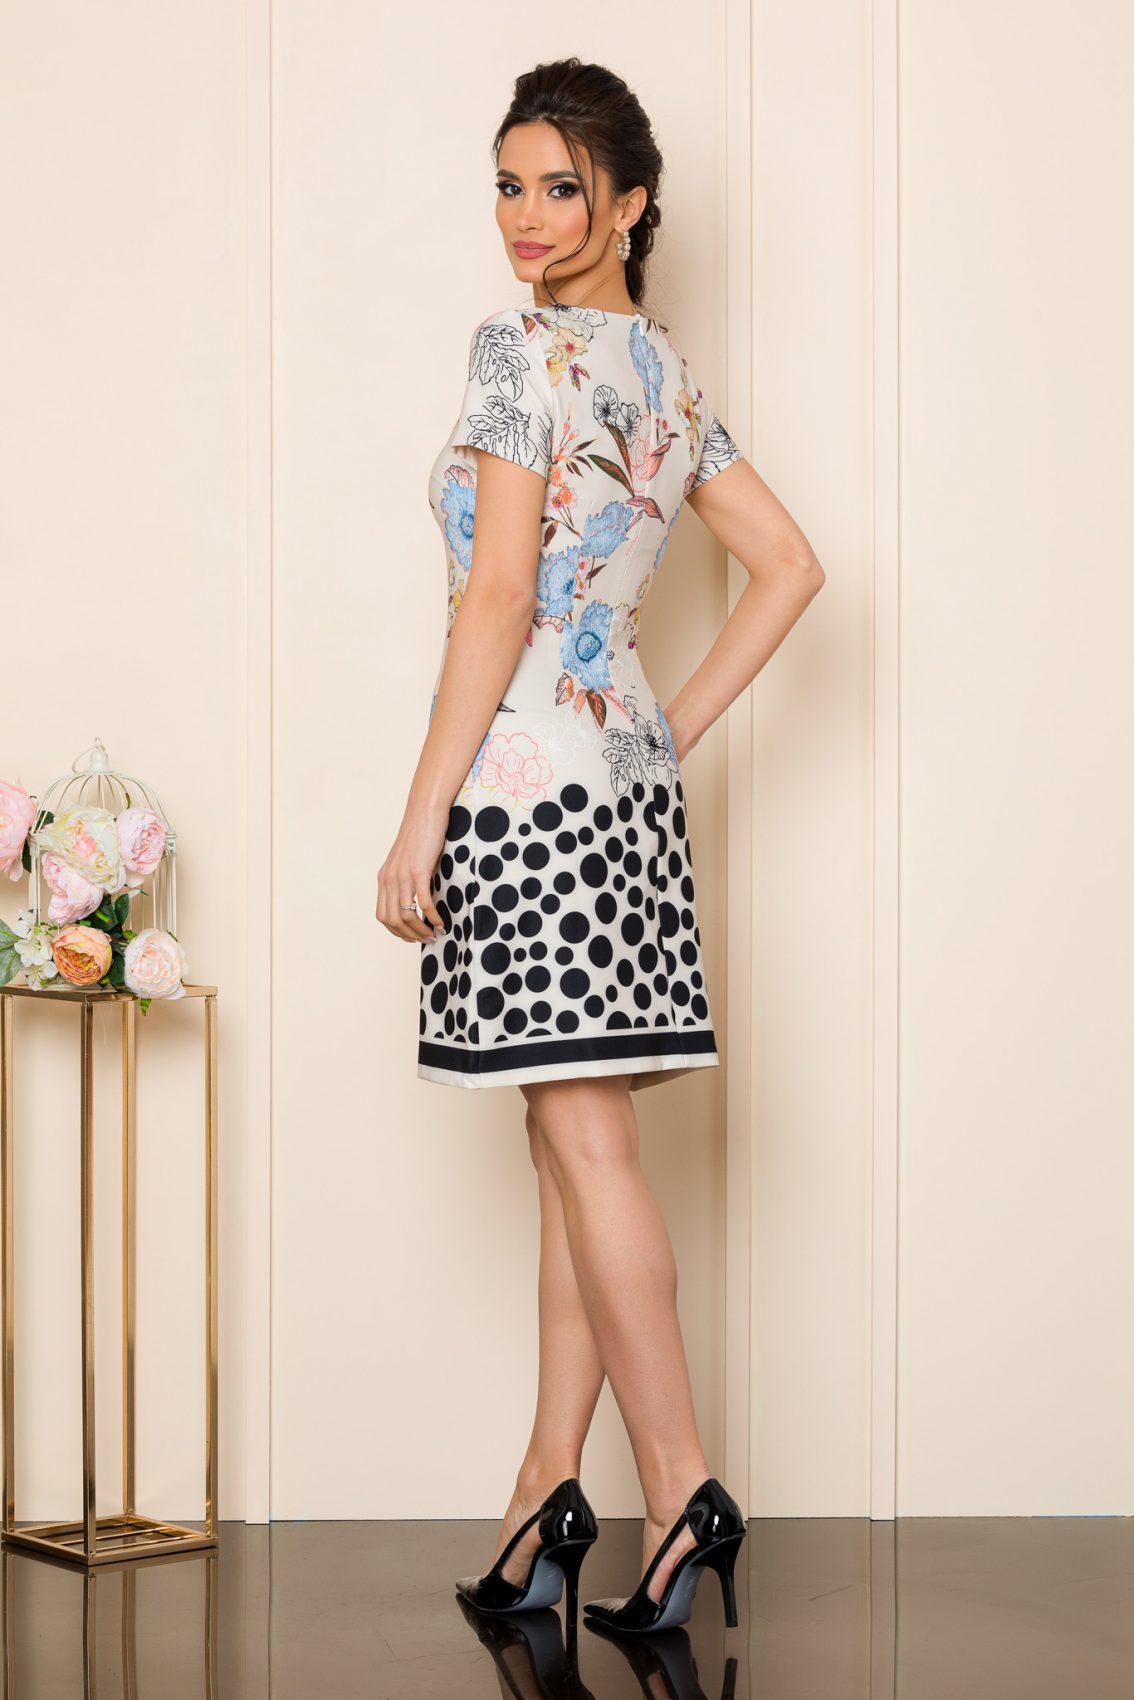 Φόρεμα Ιβουάρ Με Μπλε Λουλούδια Zoey 7543 2